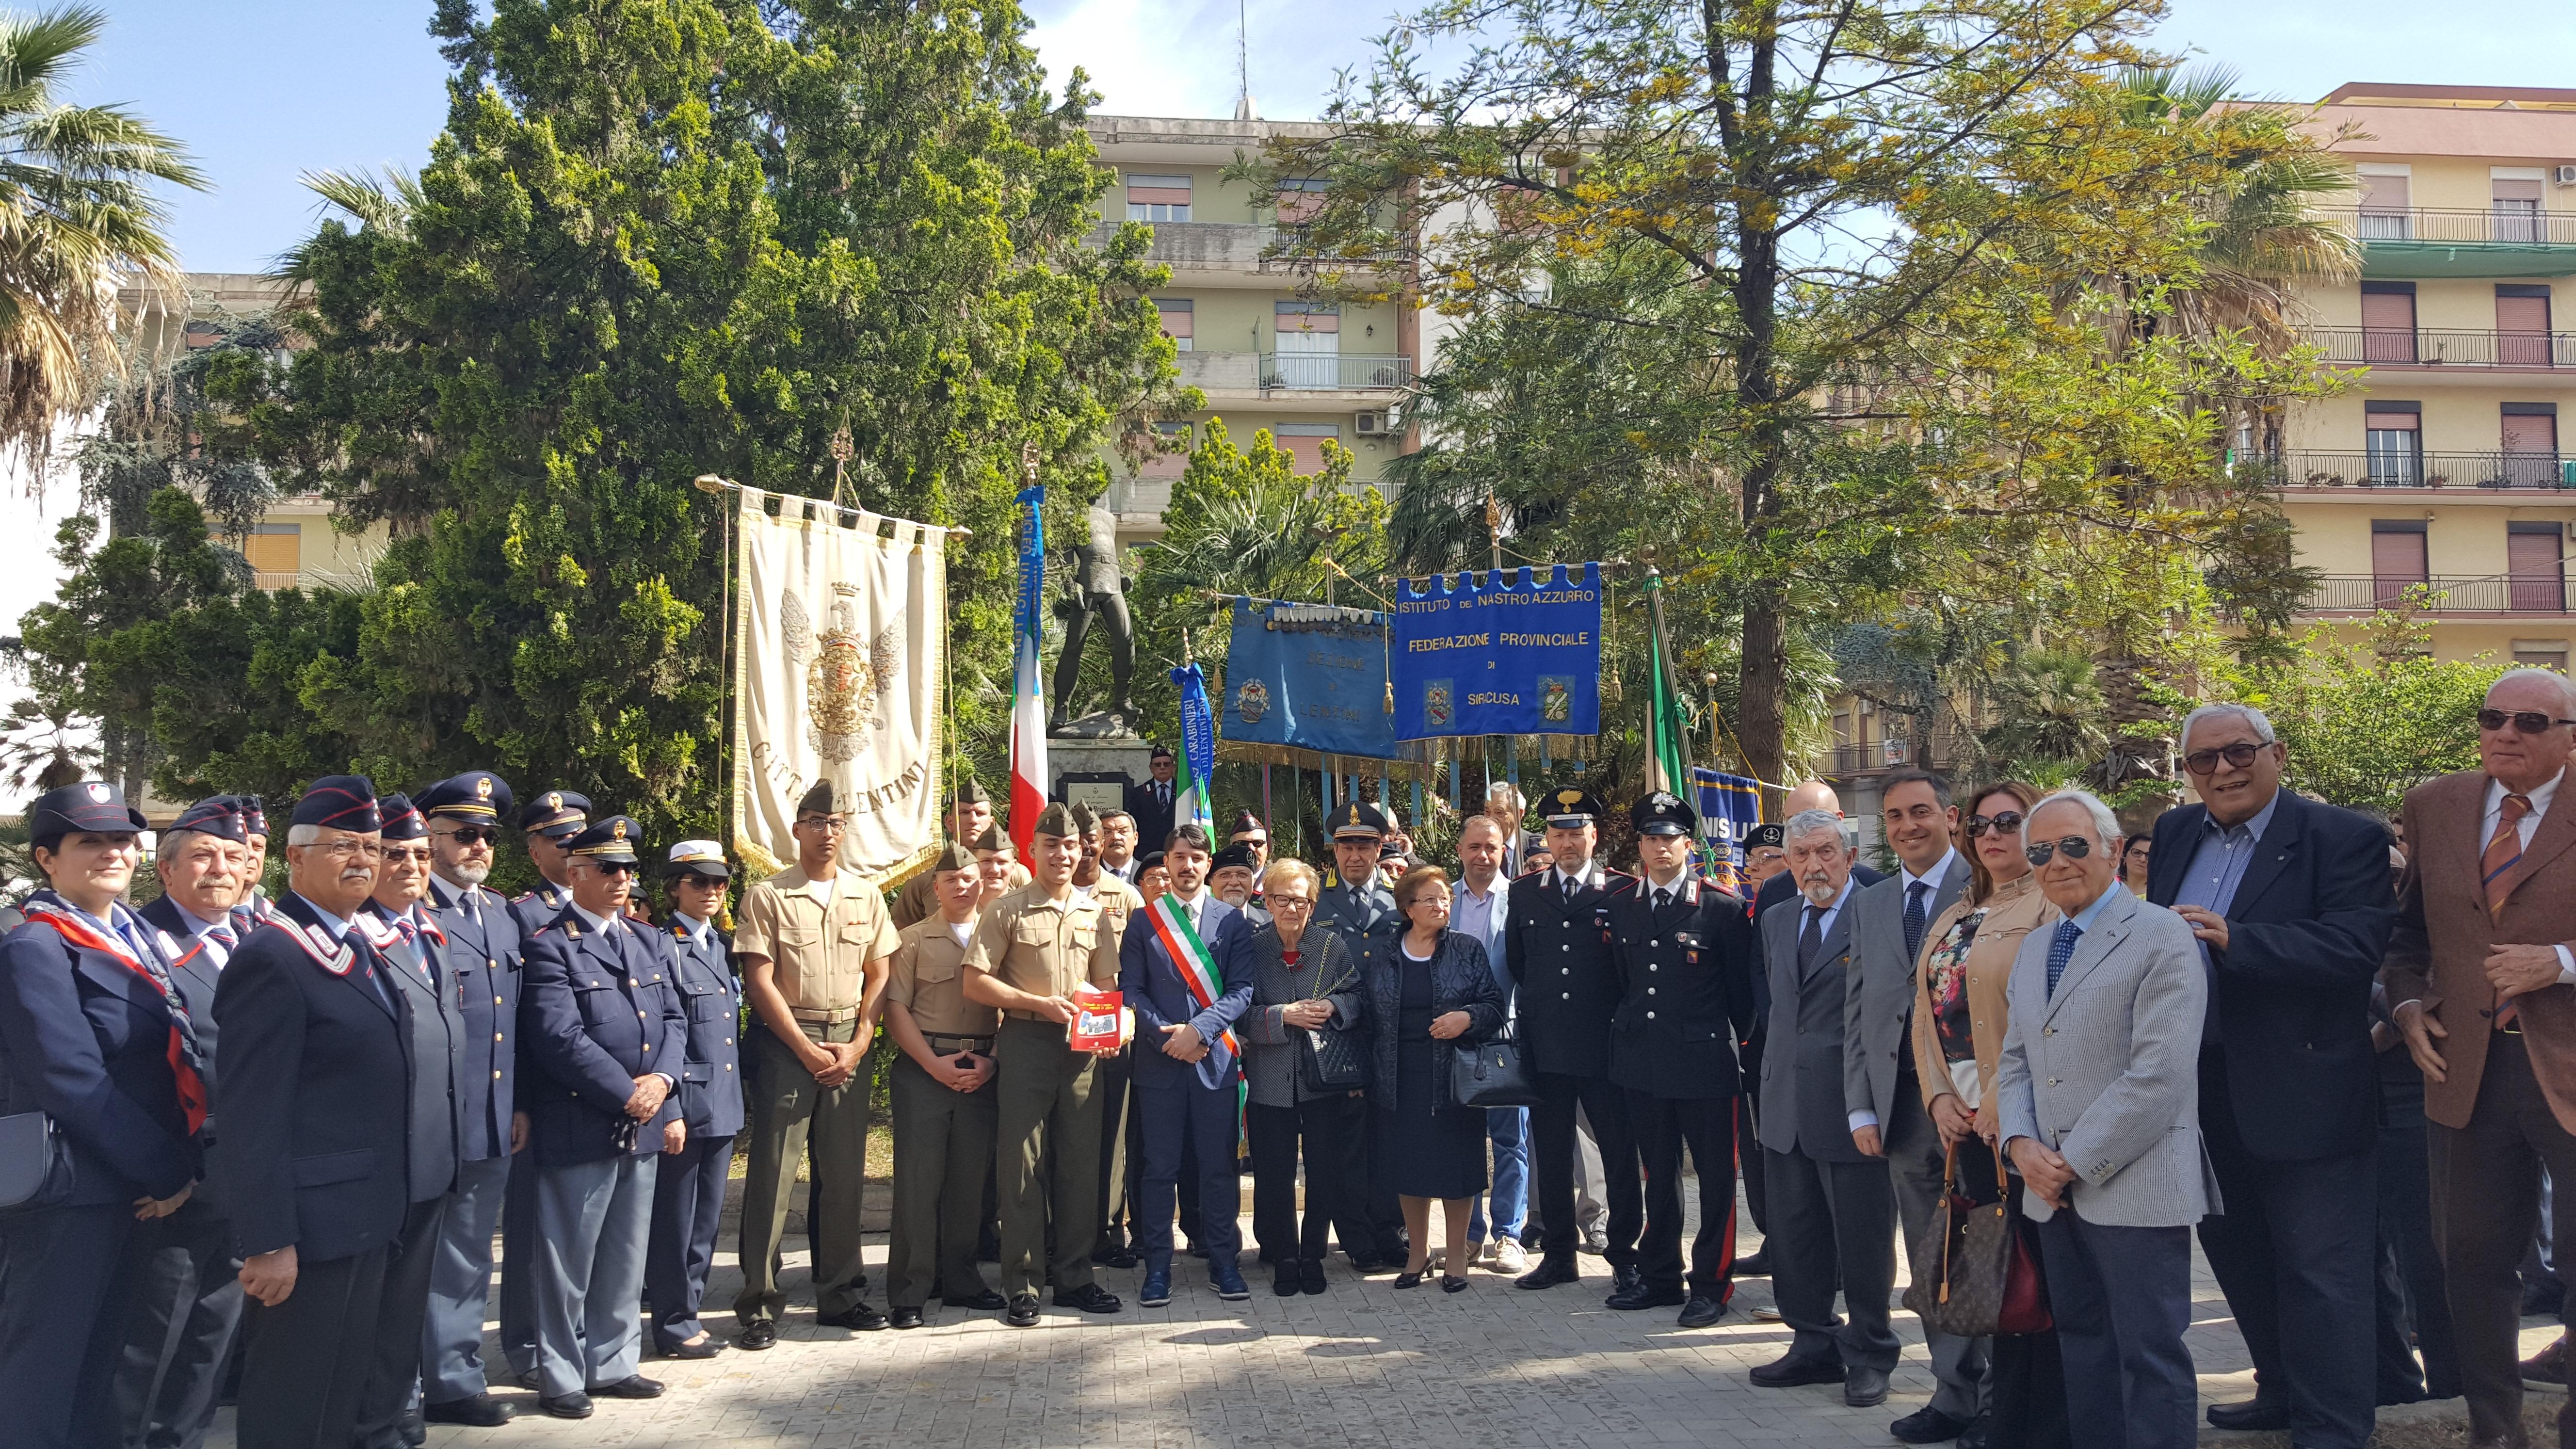 25 Aprile, Lentini celebra la Festa della Liberazione e la medaglia d'oro al valor militare dott. Luigi Briganti. Per la prima volta, dopo 73 anni in corteo i marines della Base militare americana di Sigonella.